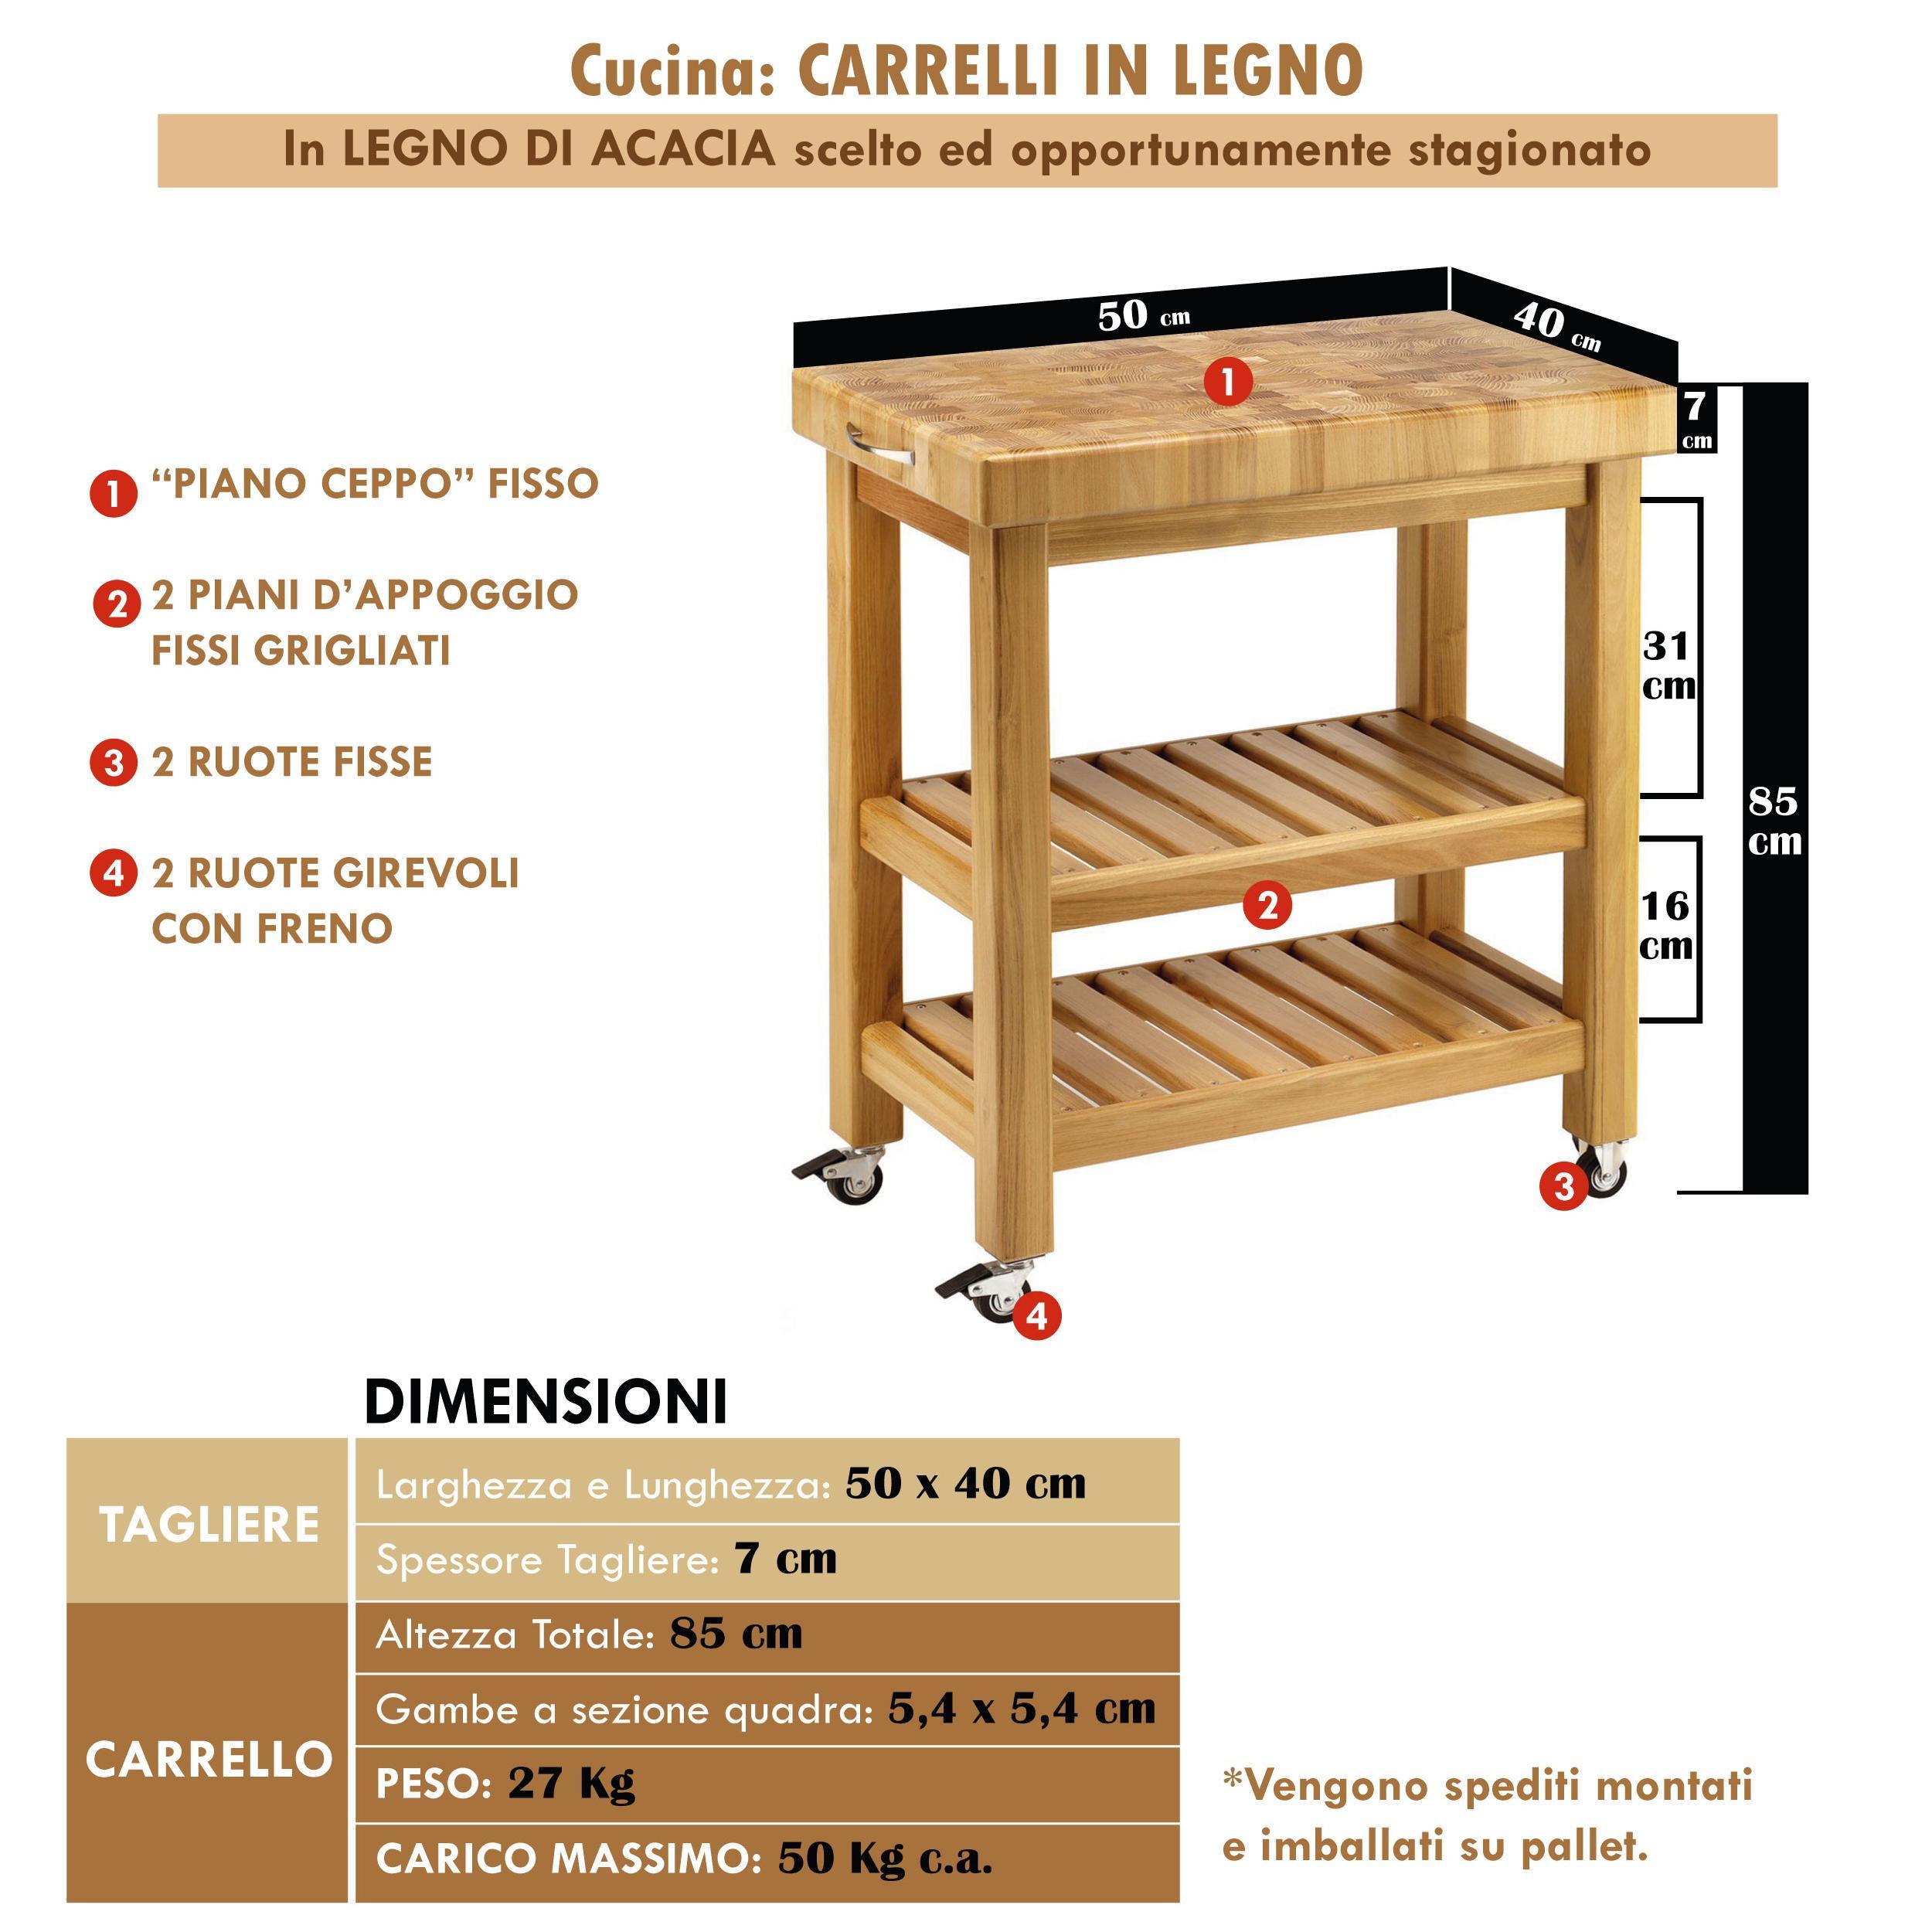 Carrello da cucina in legno massello 50x40xh85 cm con tagliere in legno spagnoli snc - Portabottiglie in legno ikea ...